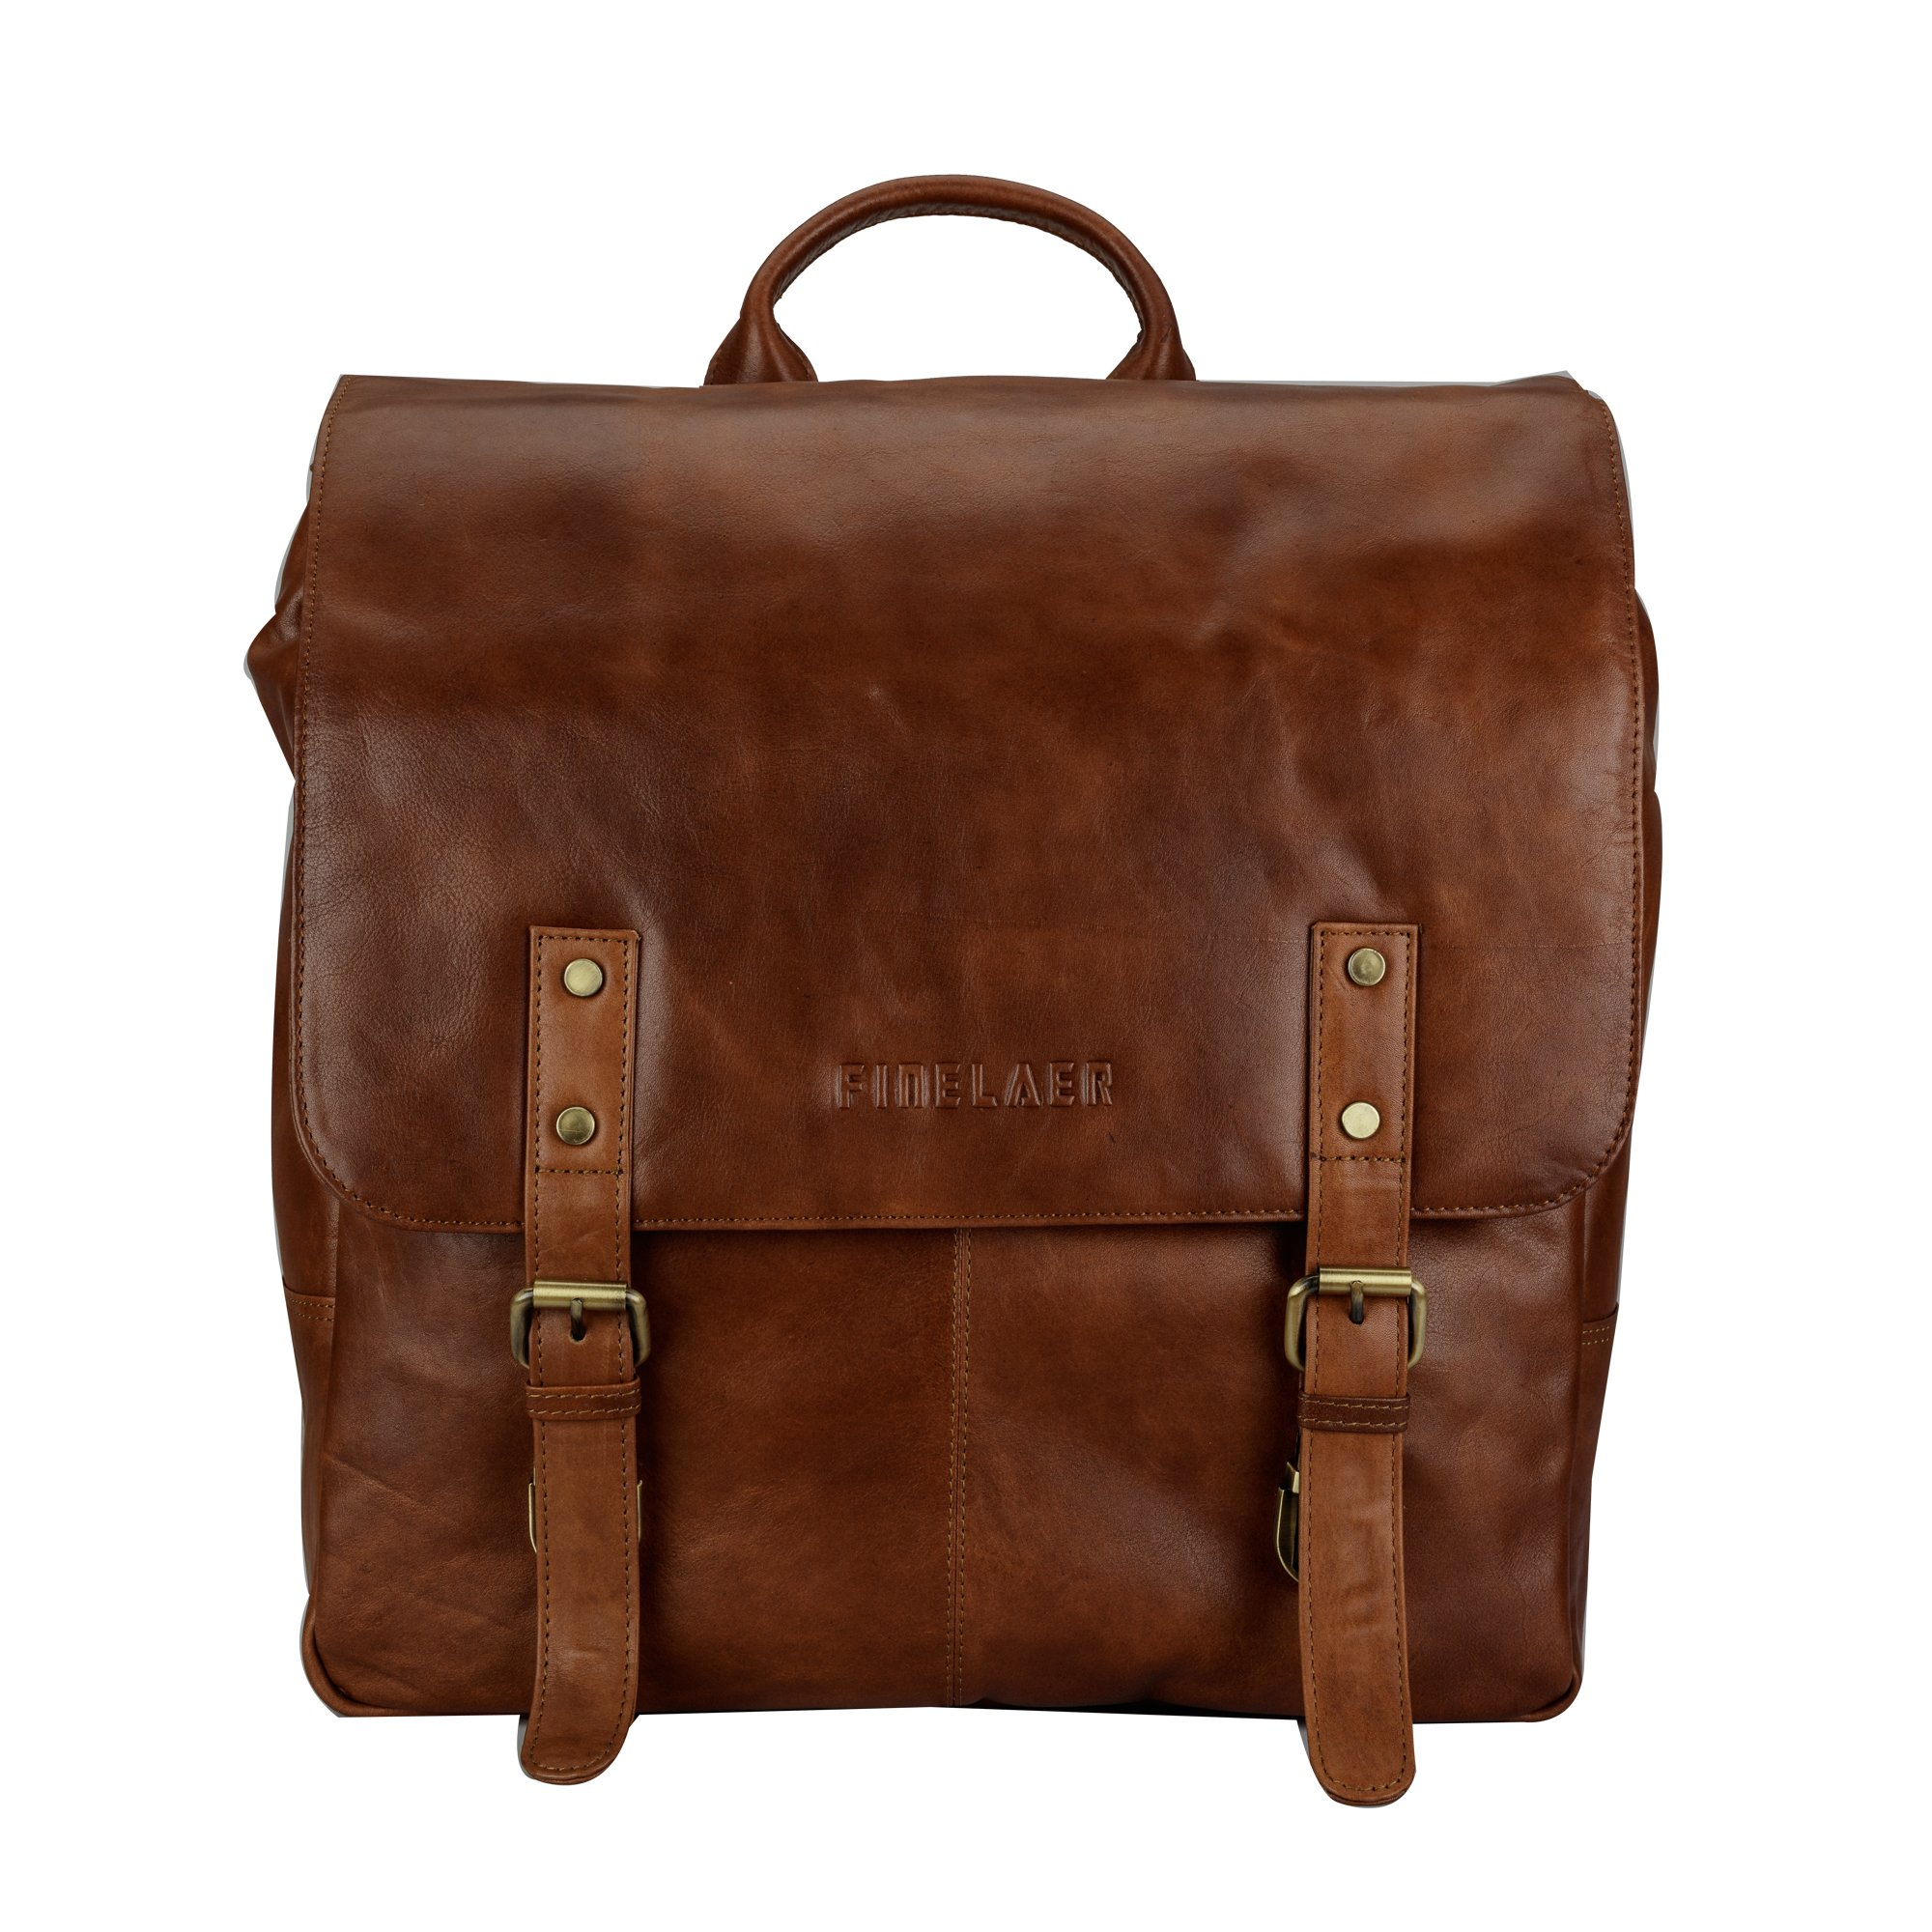 Finelaer Vintage Brown Laptop Backpack Daypack Rucksack Travel Hiking Bag Men Women by FINELAER (Image #1)